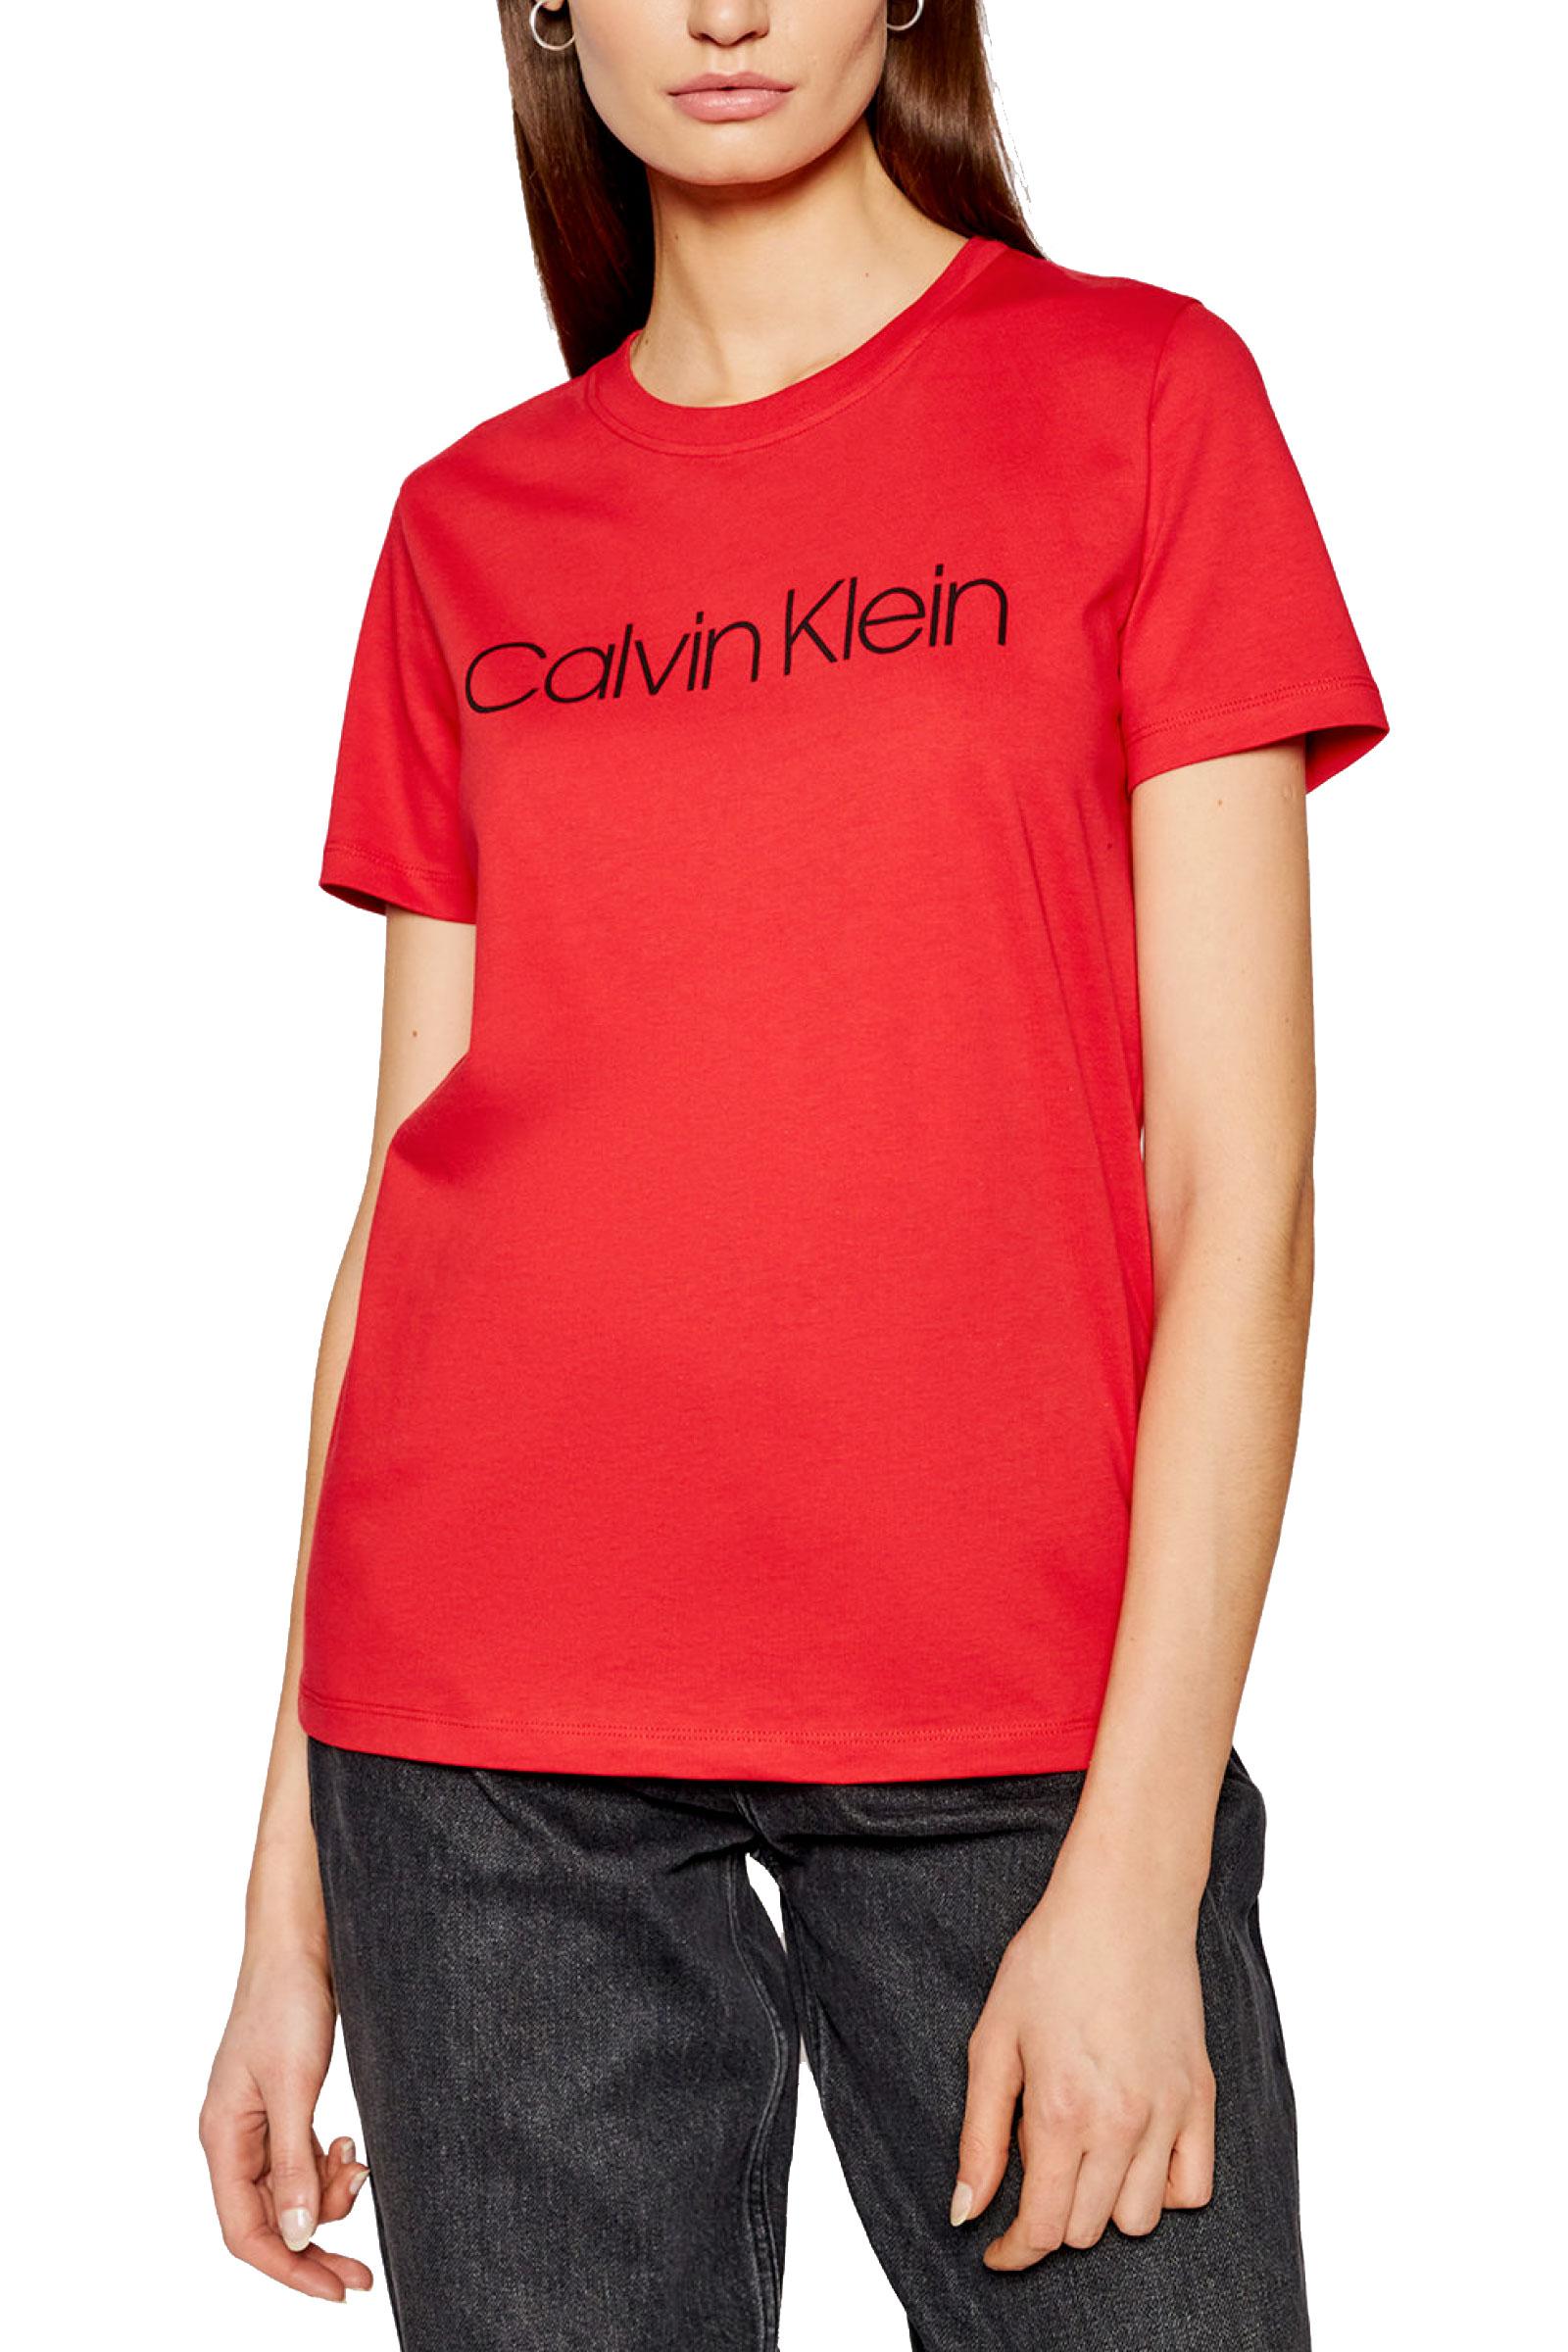 CALVIN KLEIN Women's T-Shirt CALVIN KLEIN   T-Shirt   K20K202018XL7